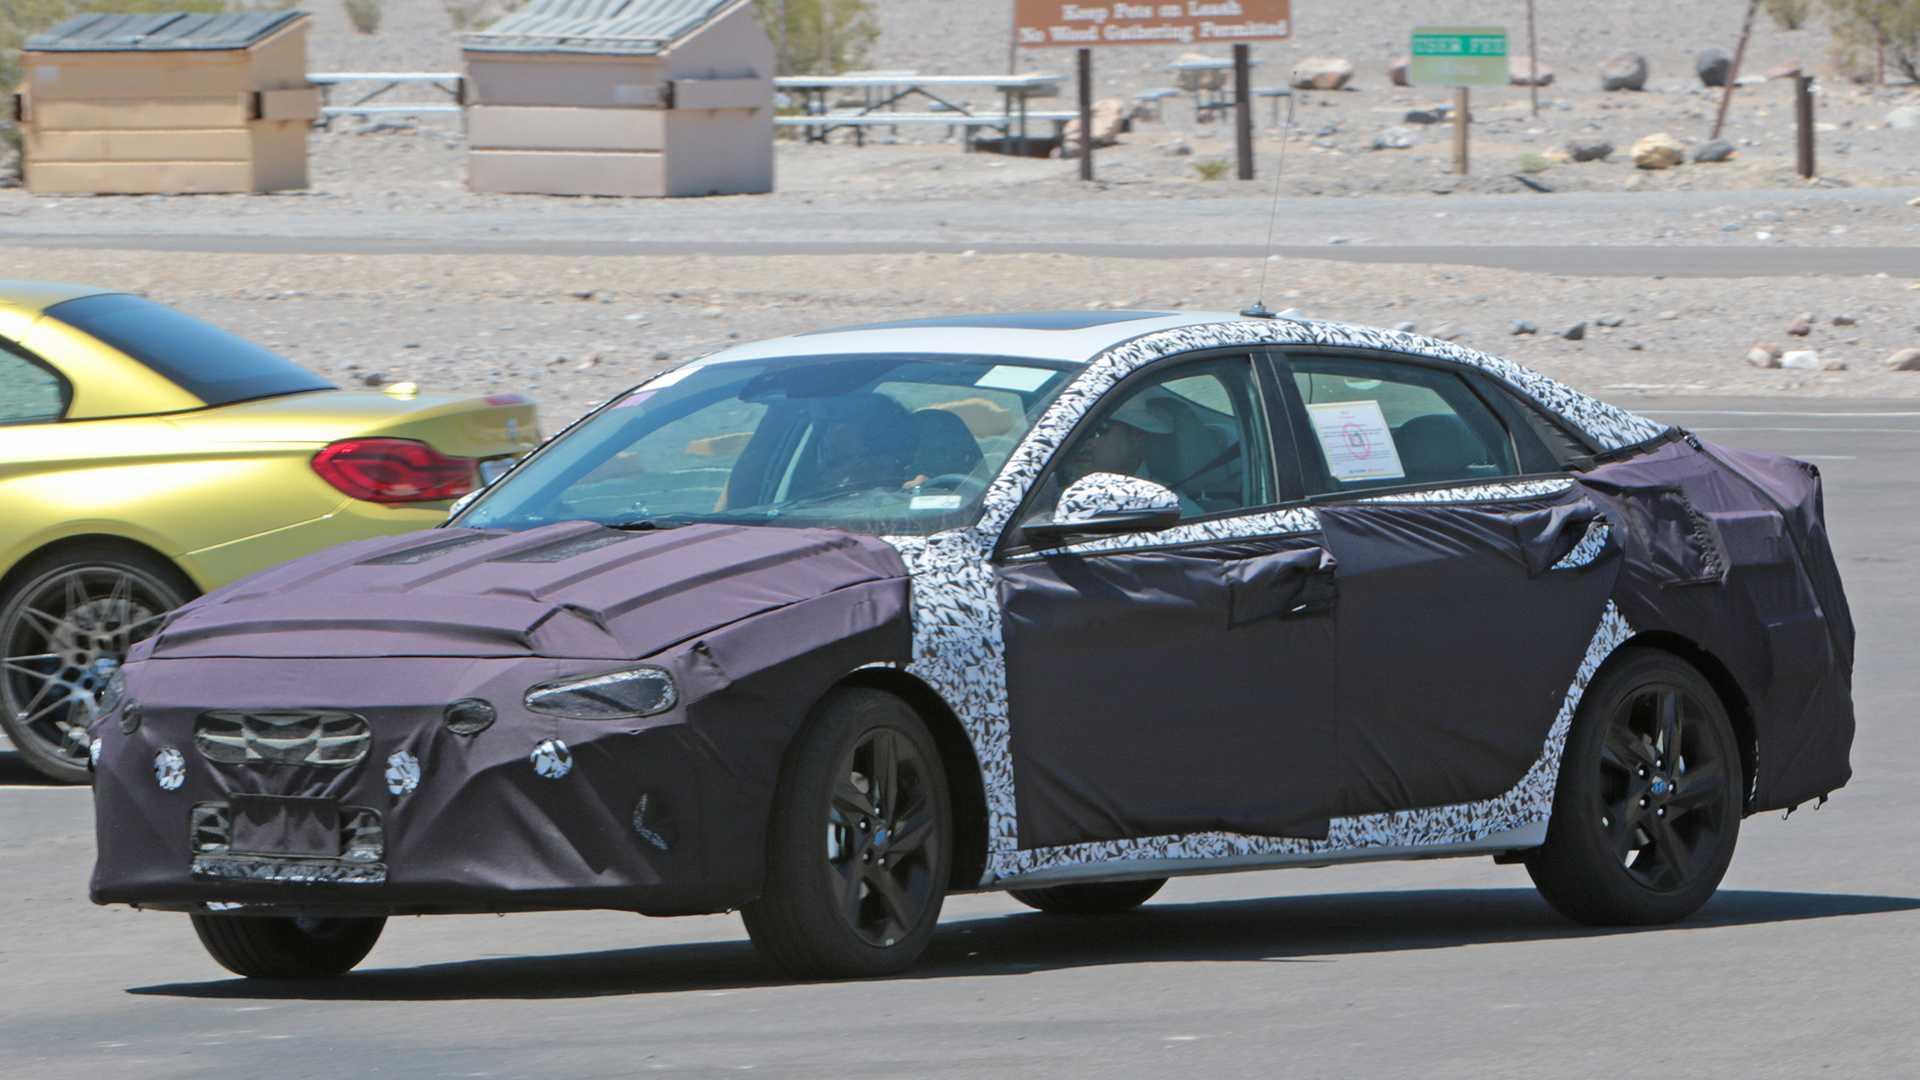 Hyundai Elantra thế hệ mới lần đầu lộ diện trên đường chạy thử